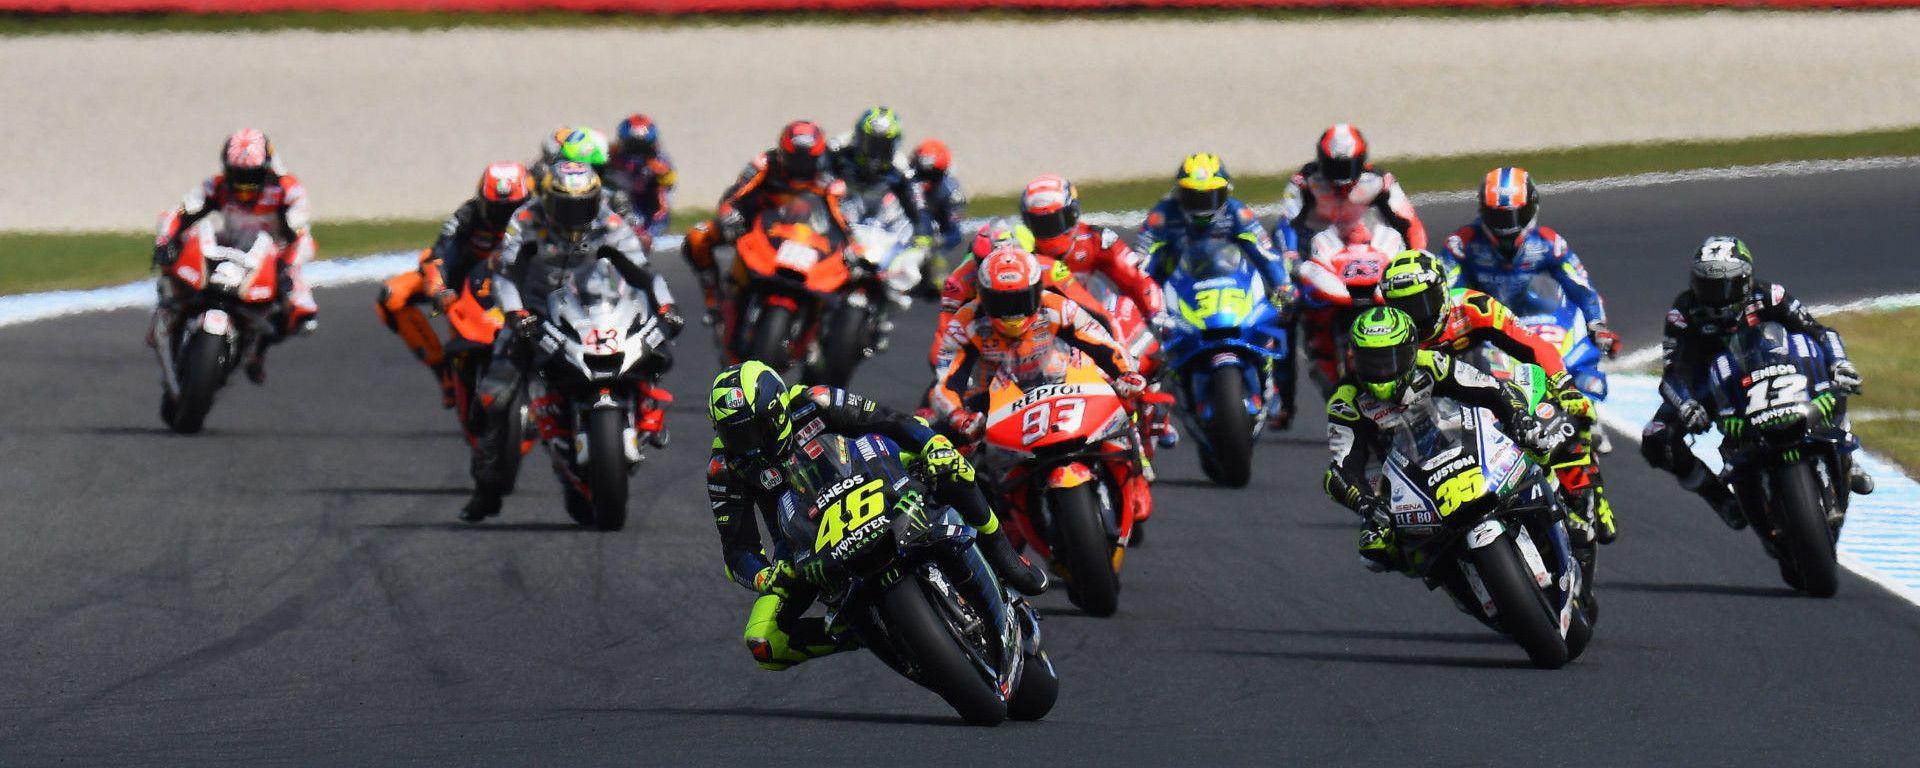 La partenza del GP d'Australia MotoGP 2020